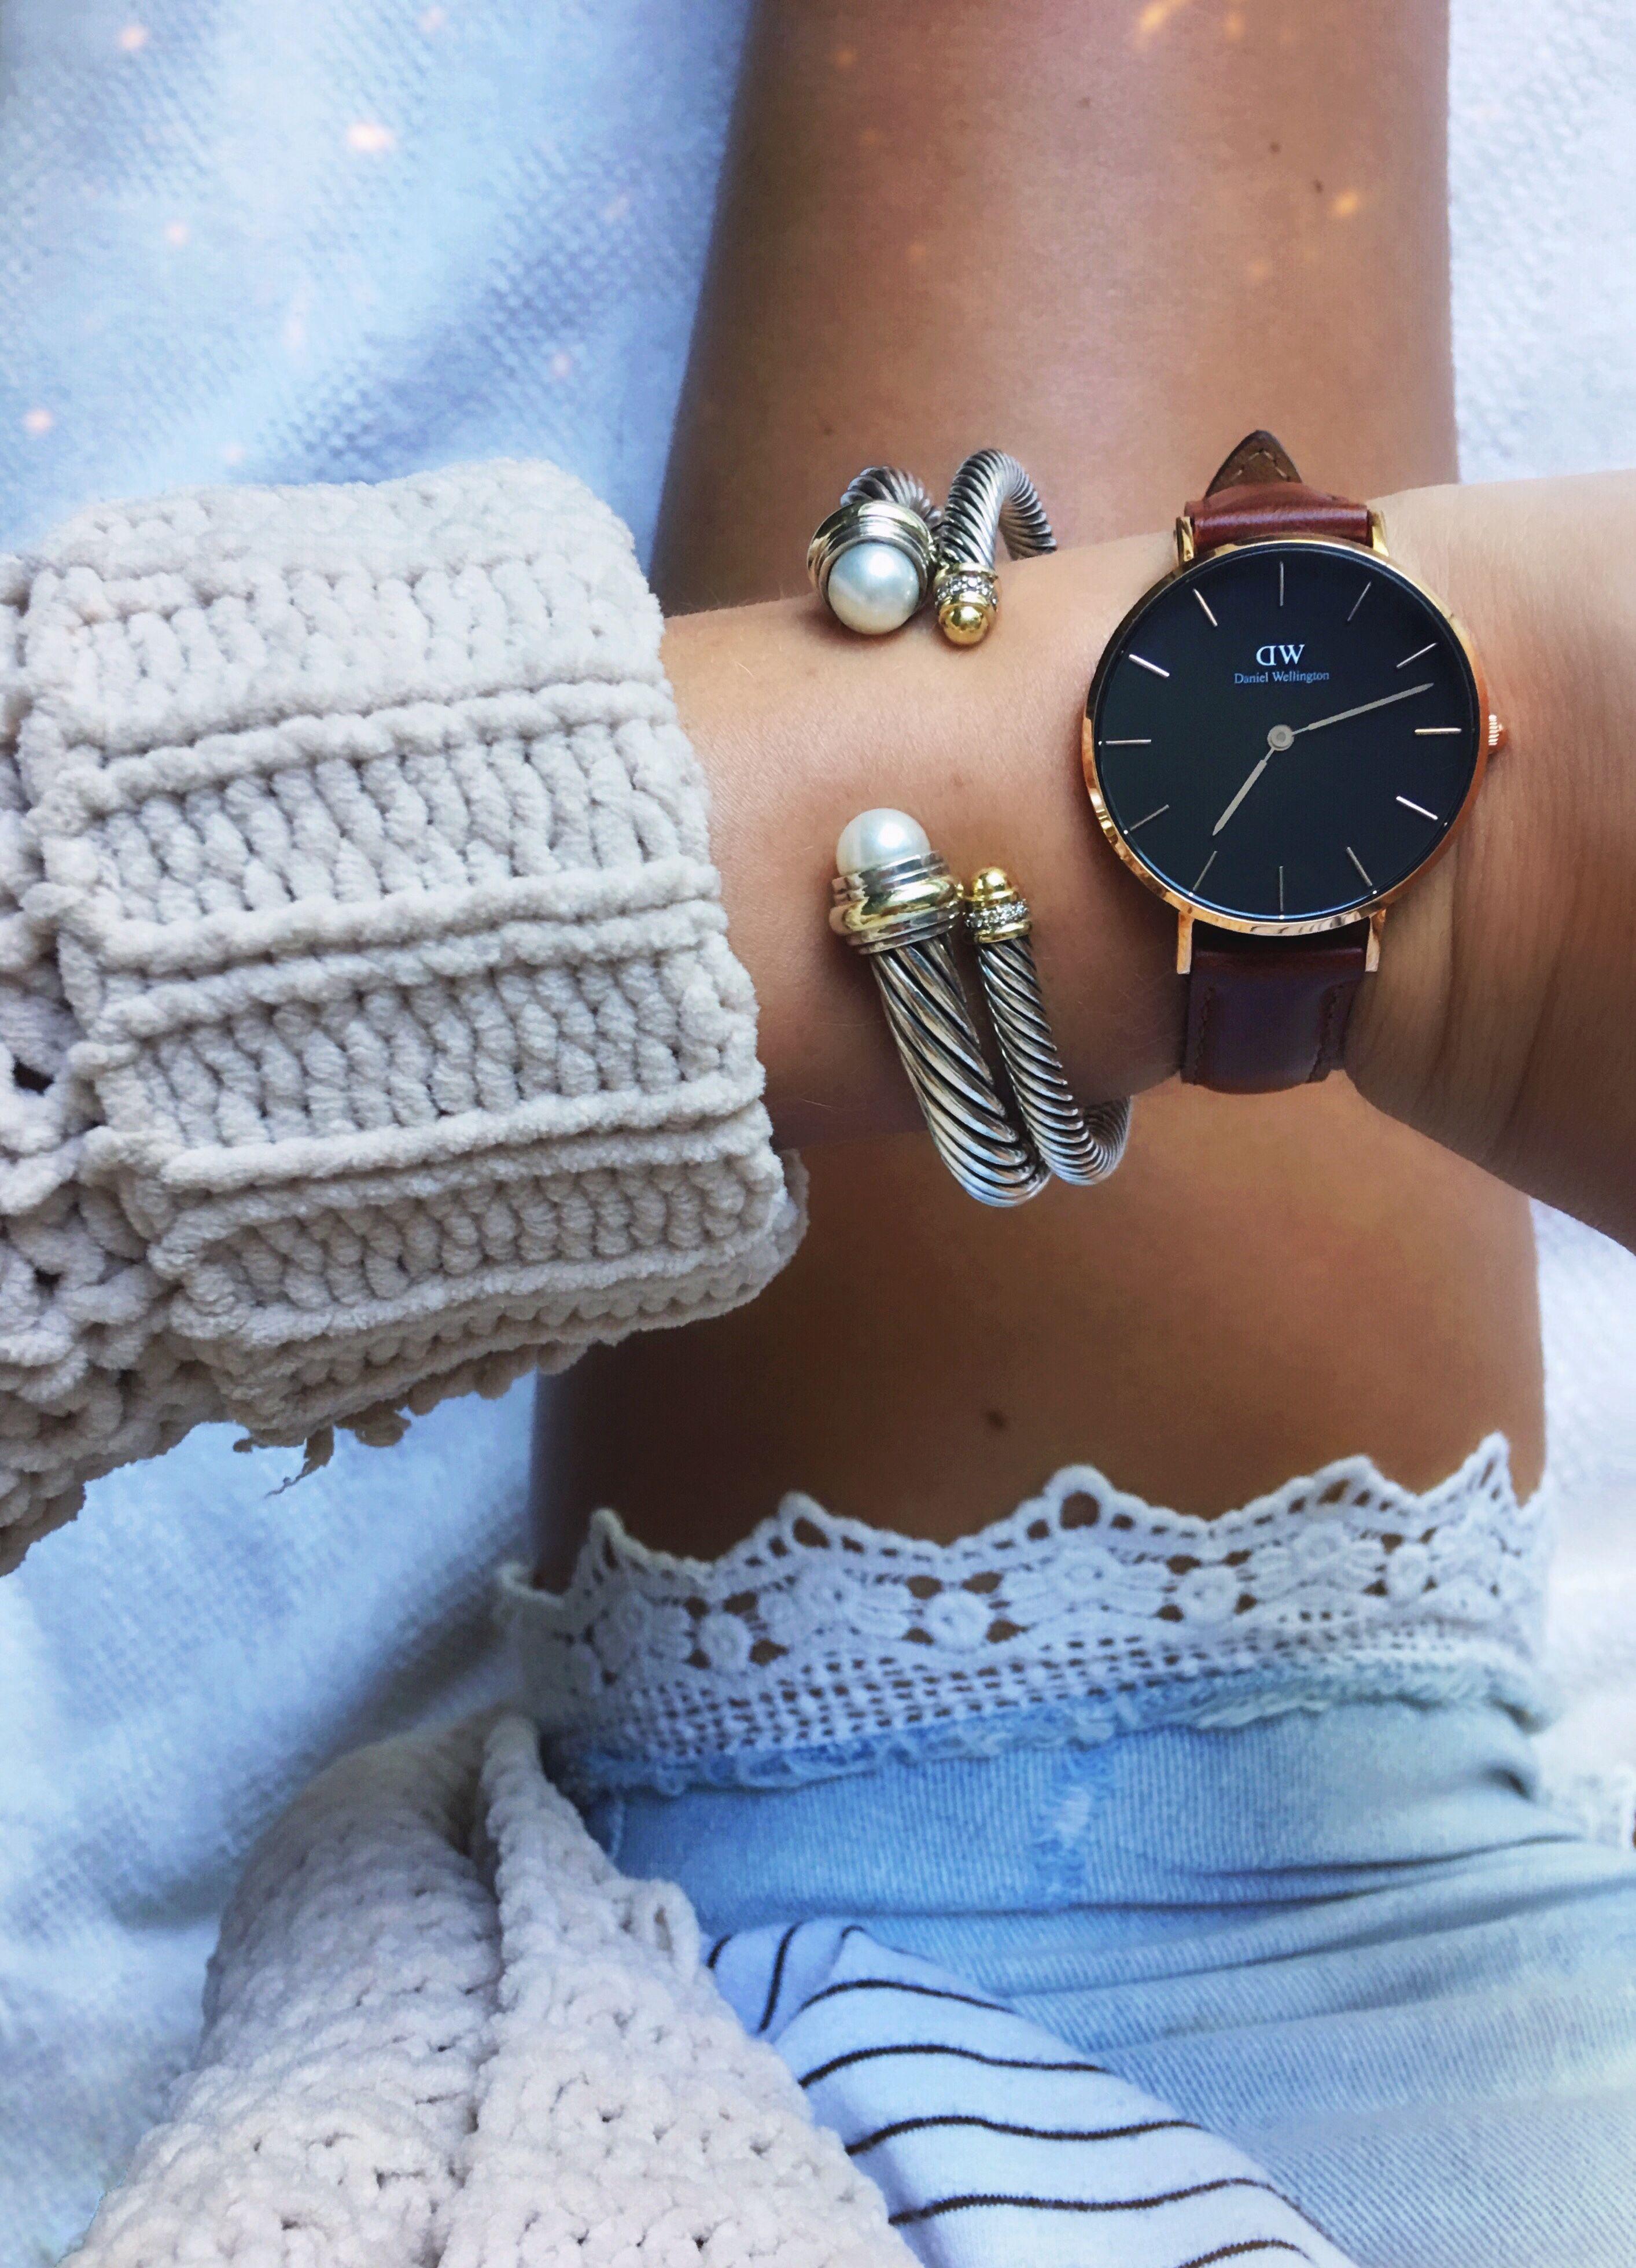 1db8f8568901 daniel wellington watch    david yurman    follow me on Instagram    mollyyykathryn    fashion   style blog  gollymissmolly.com